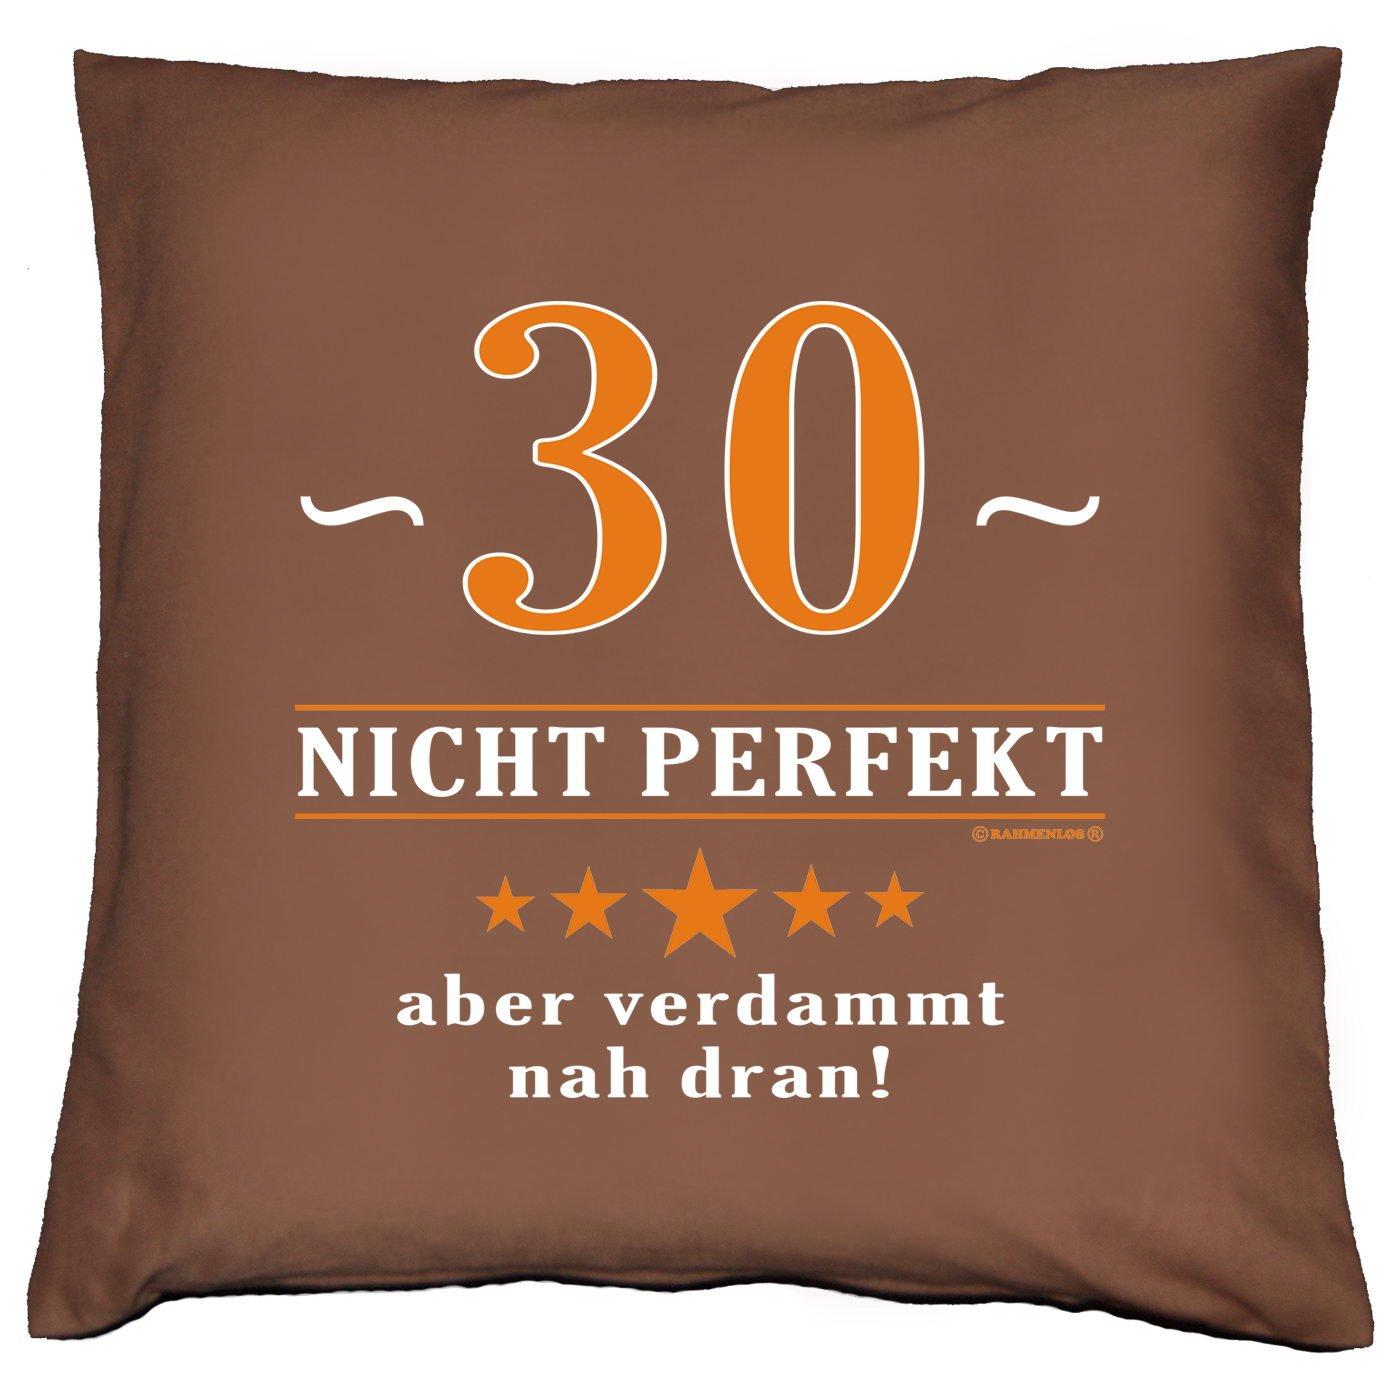 Kissen mit Innenkissen - 30 - nicht perfekt aber verdammt nahe dran! - zum 30. Geburtstag Geschenk - 40 x 40 cm - in schoco-braun